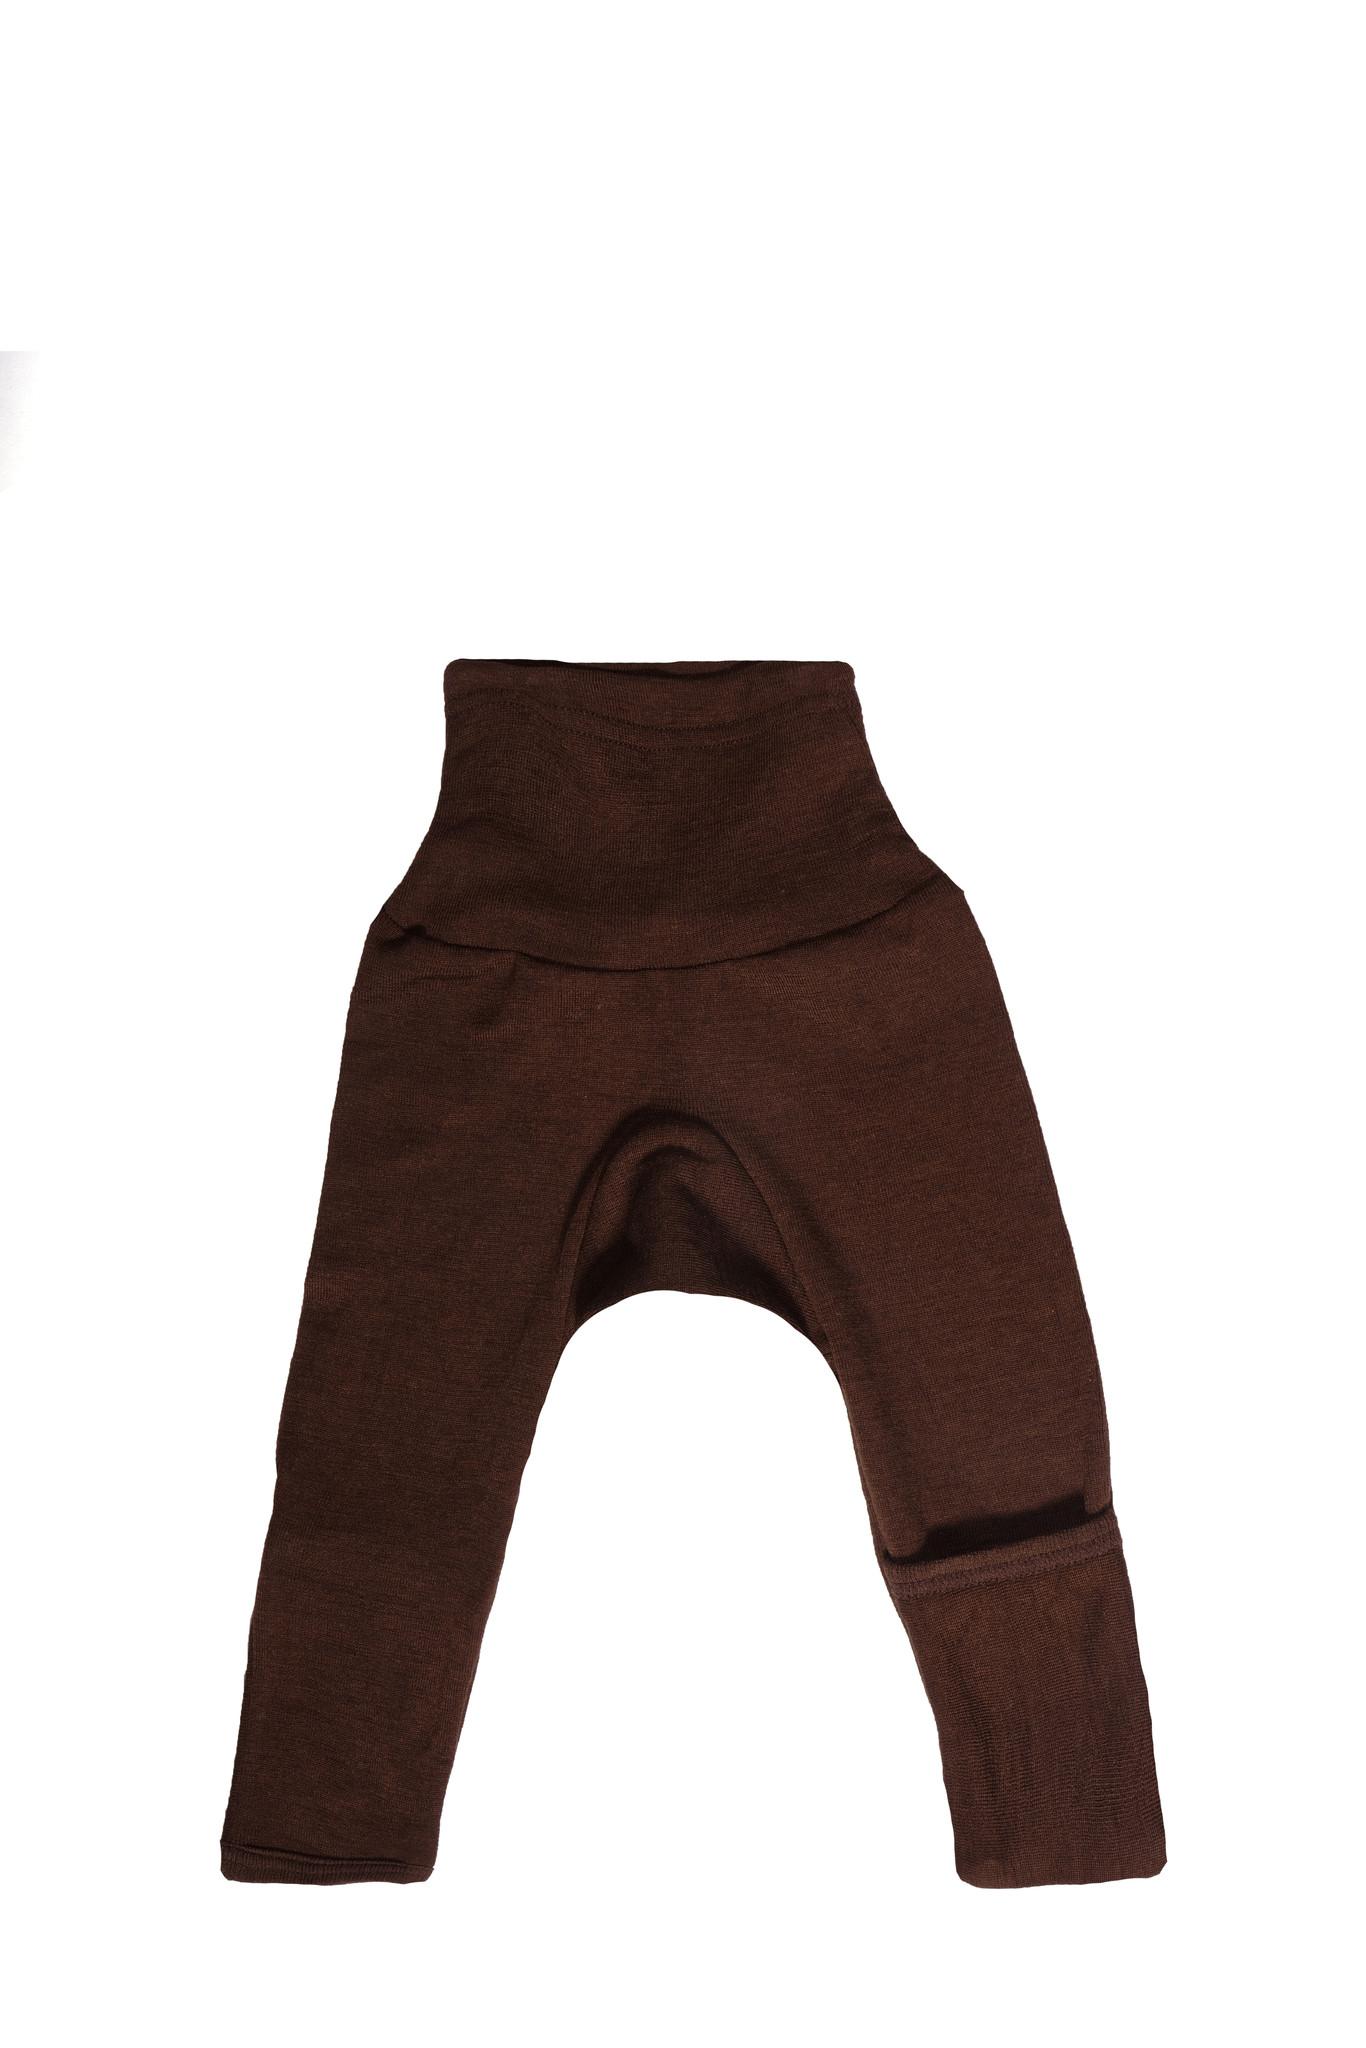 Cosilana Cosilana babylegging Wol/Zijde,  met omslag voor de voetjes - Groen (21)